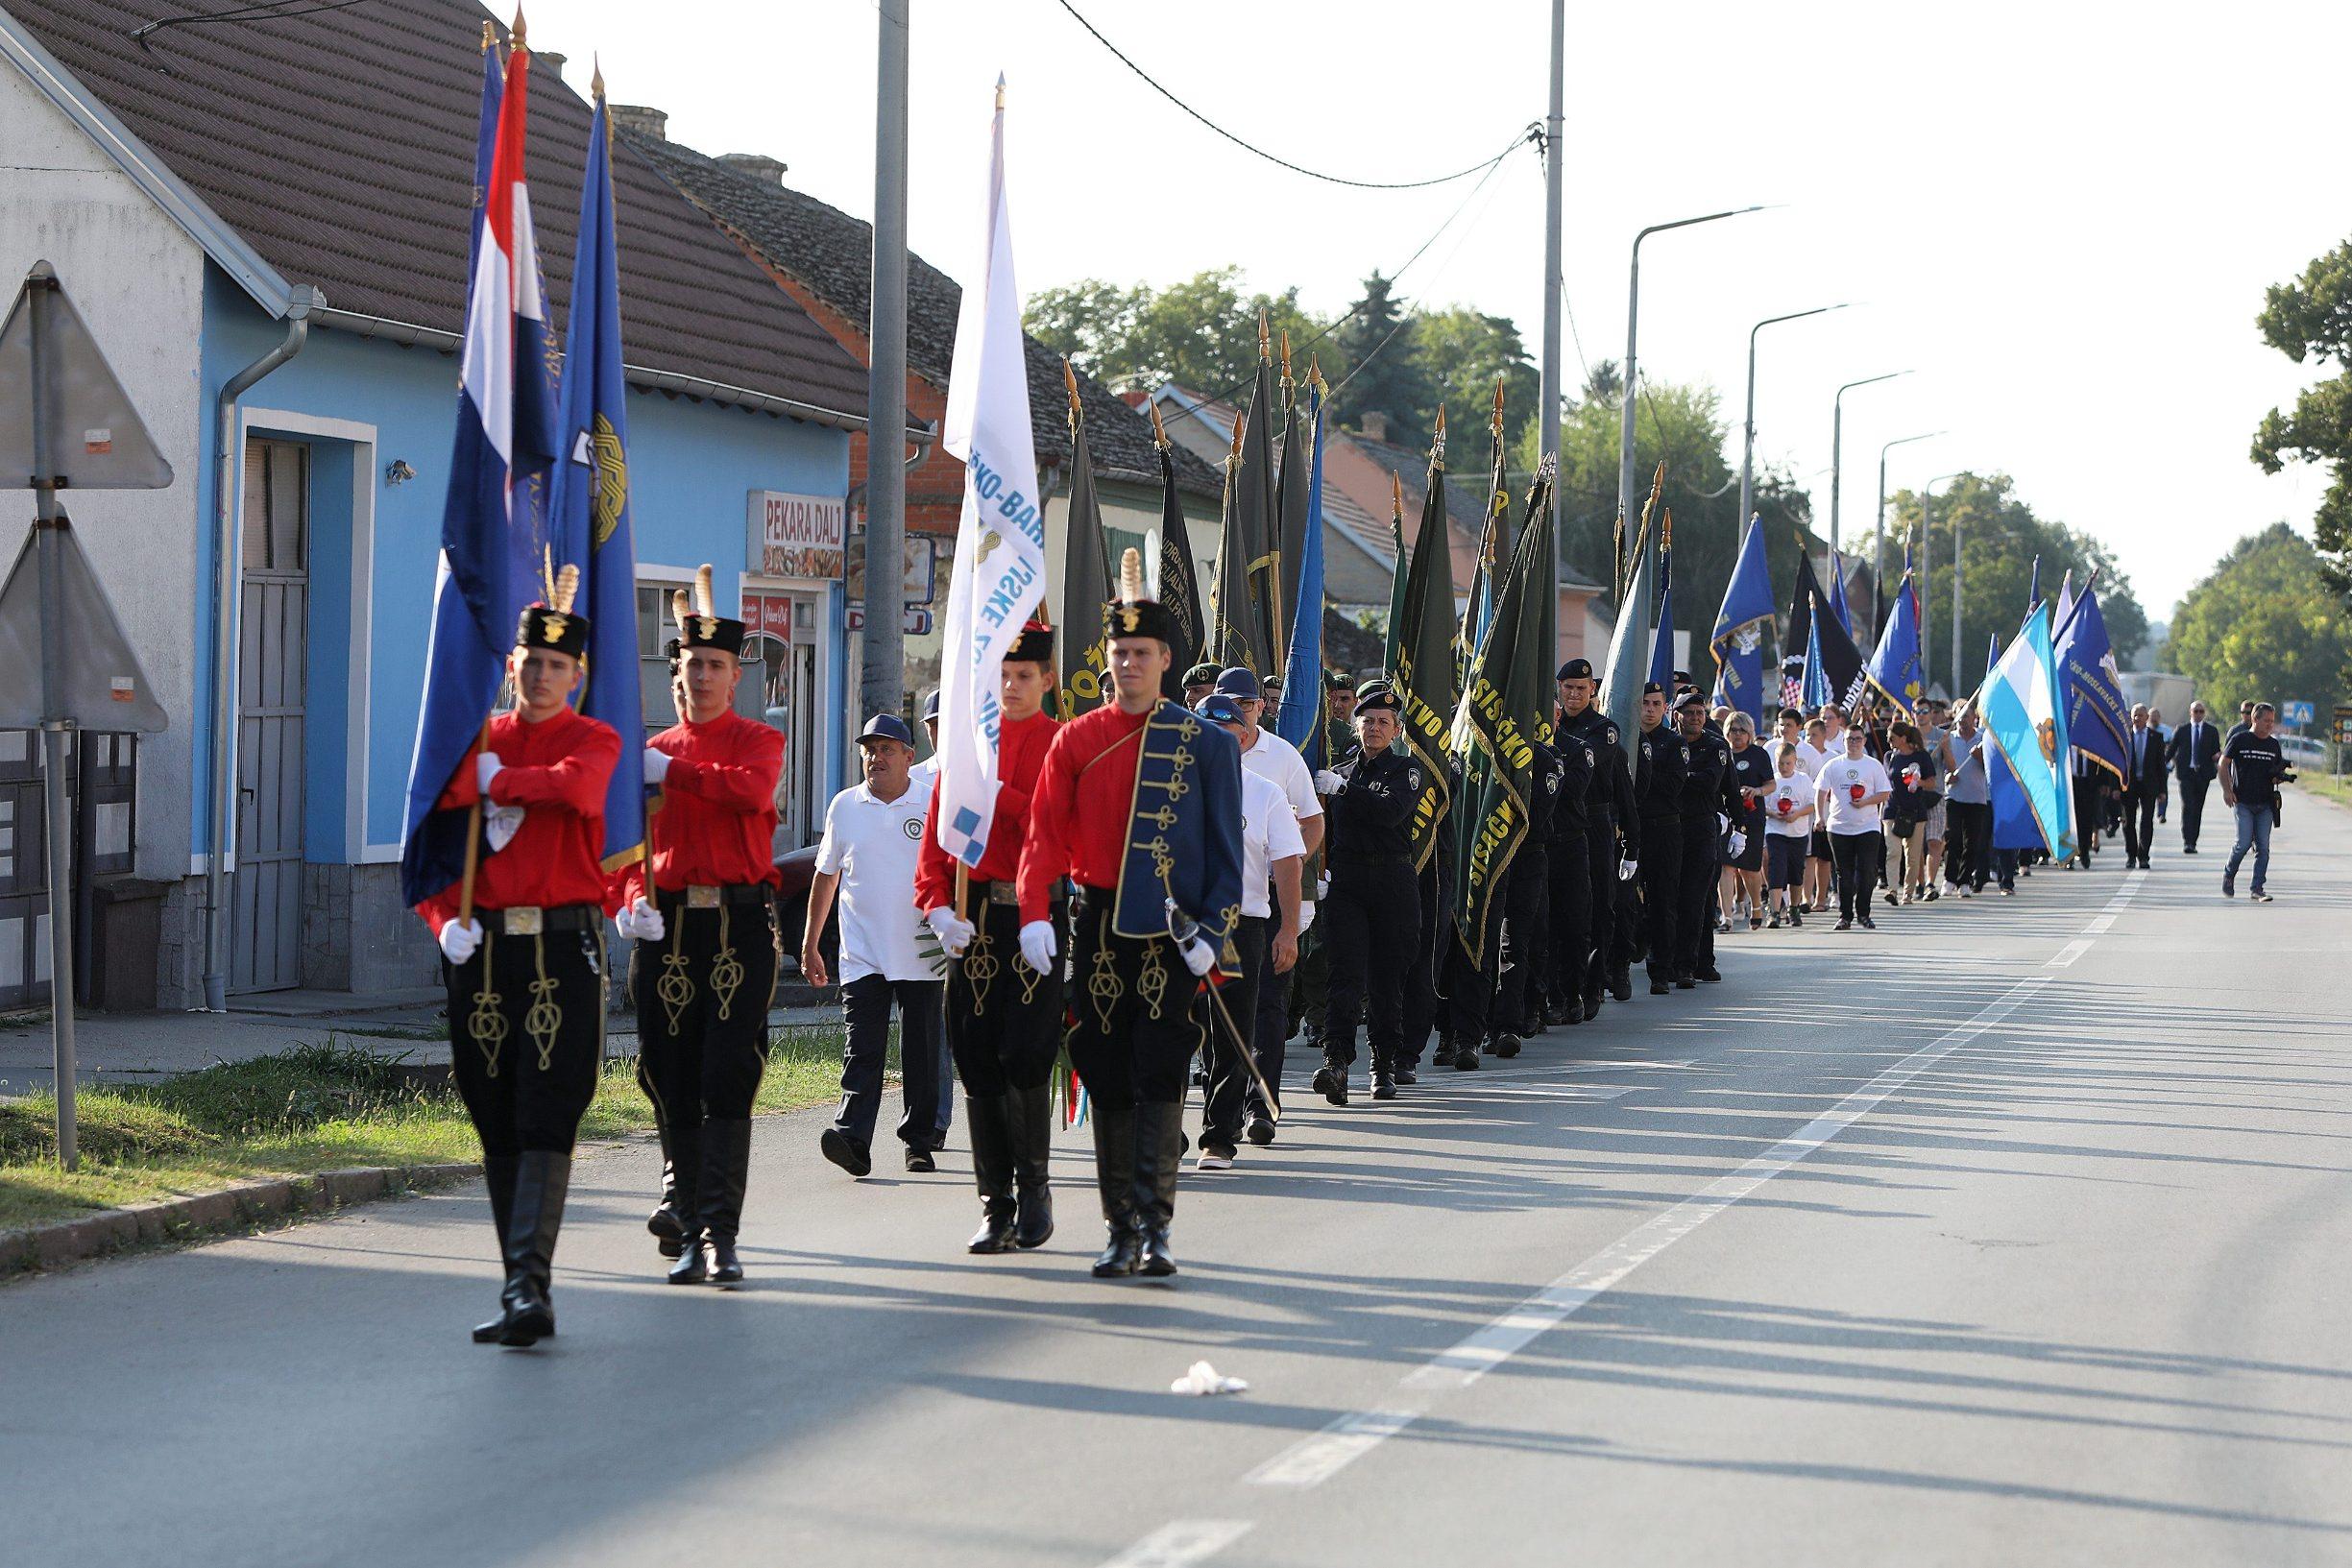 Obilježavanje 28. godišnjice tragične pogibije hrvatskih branitelja u selu Dalj